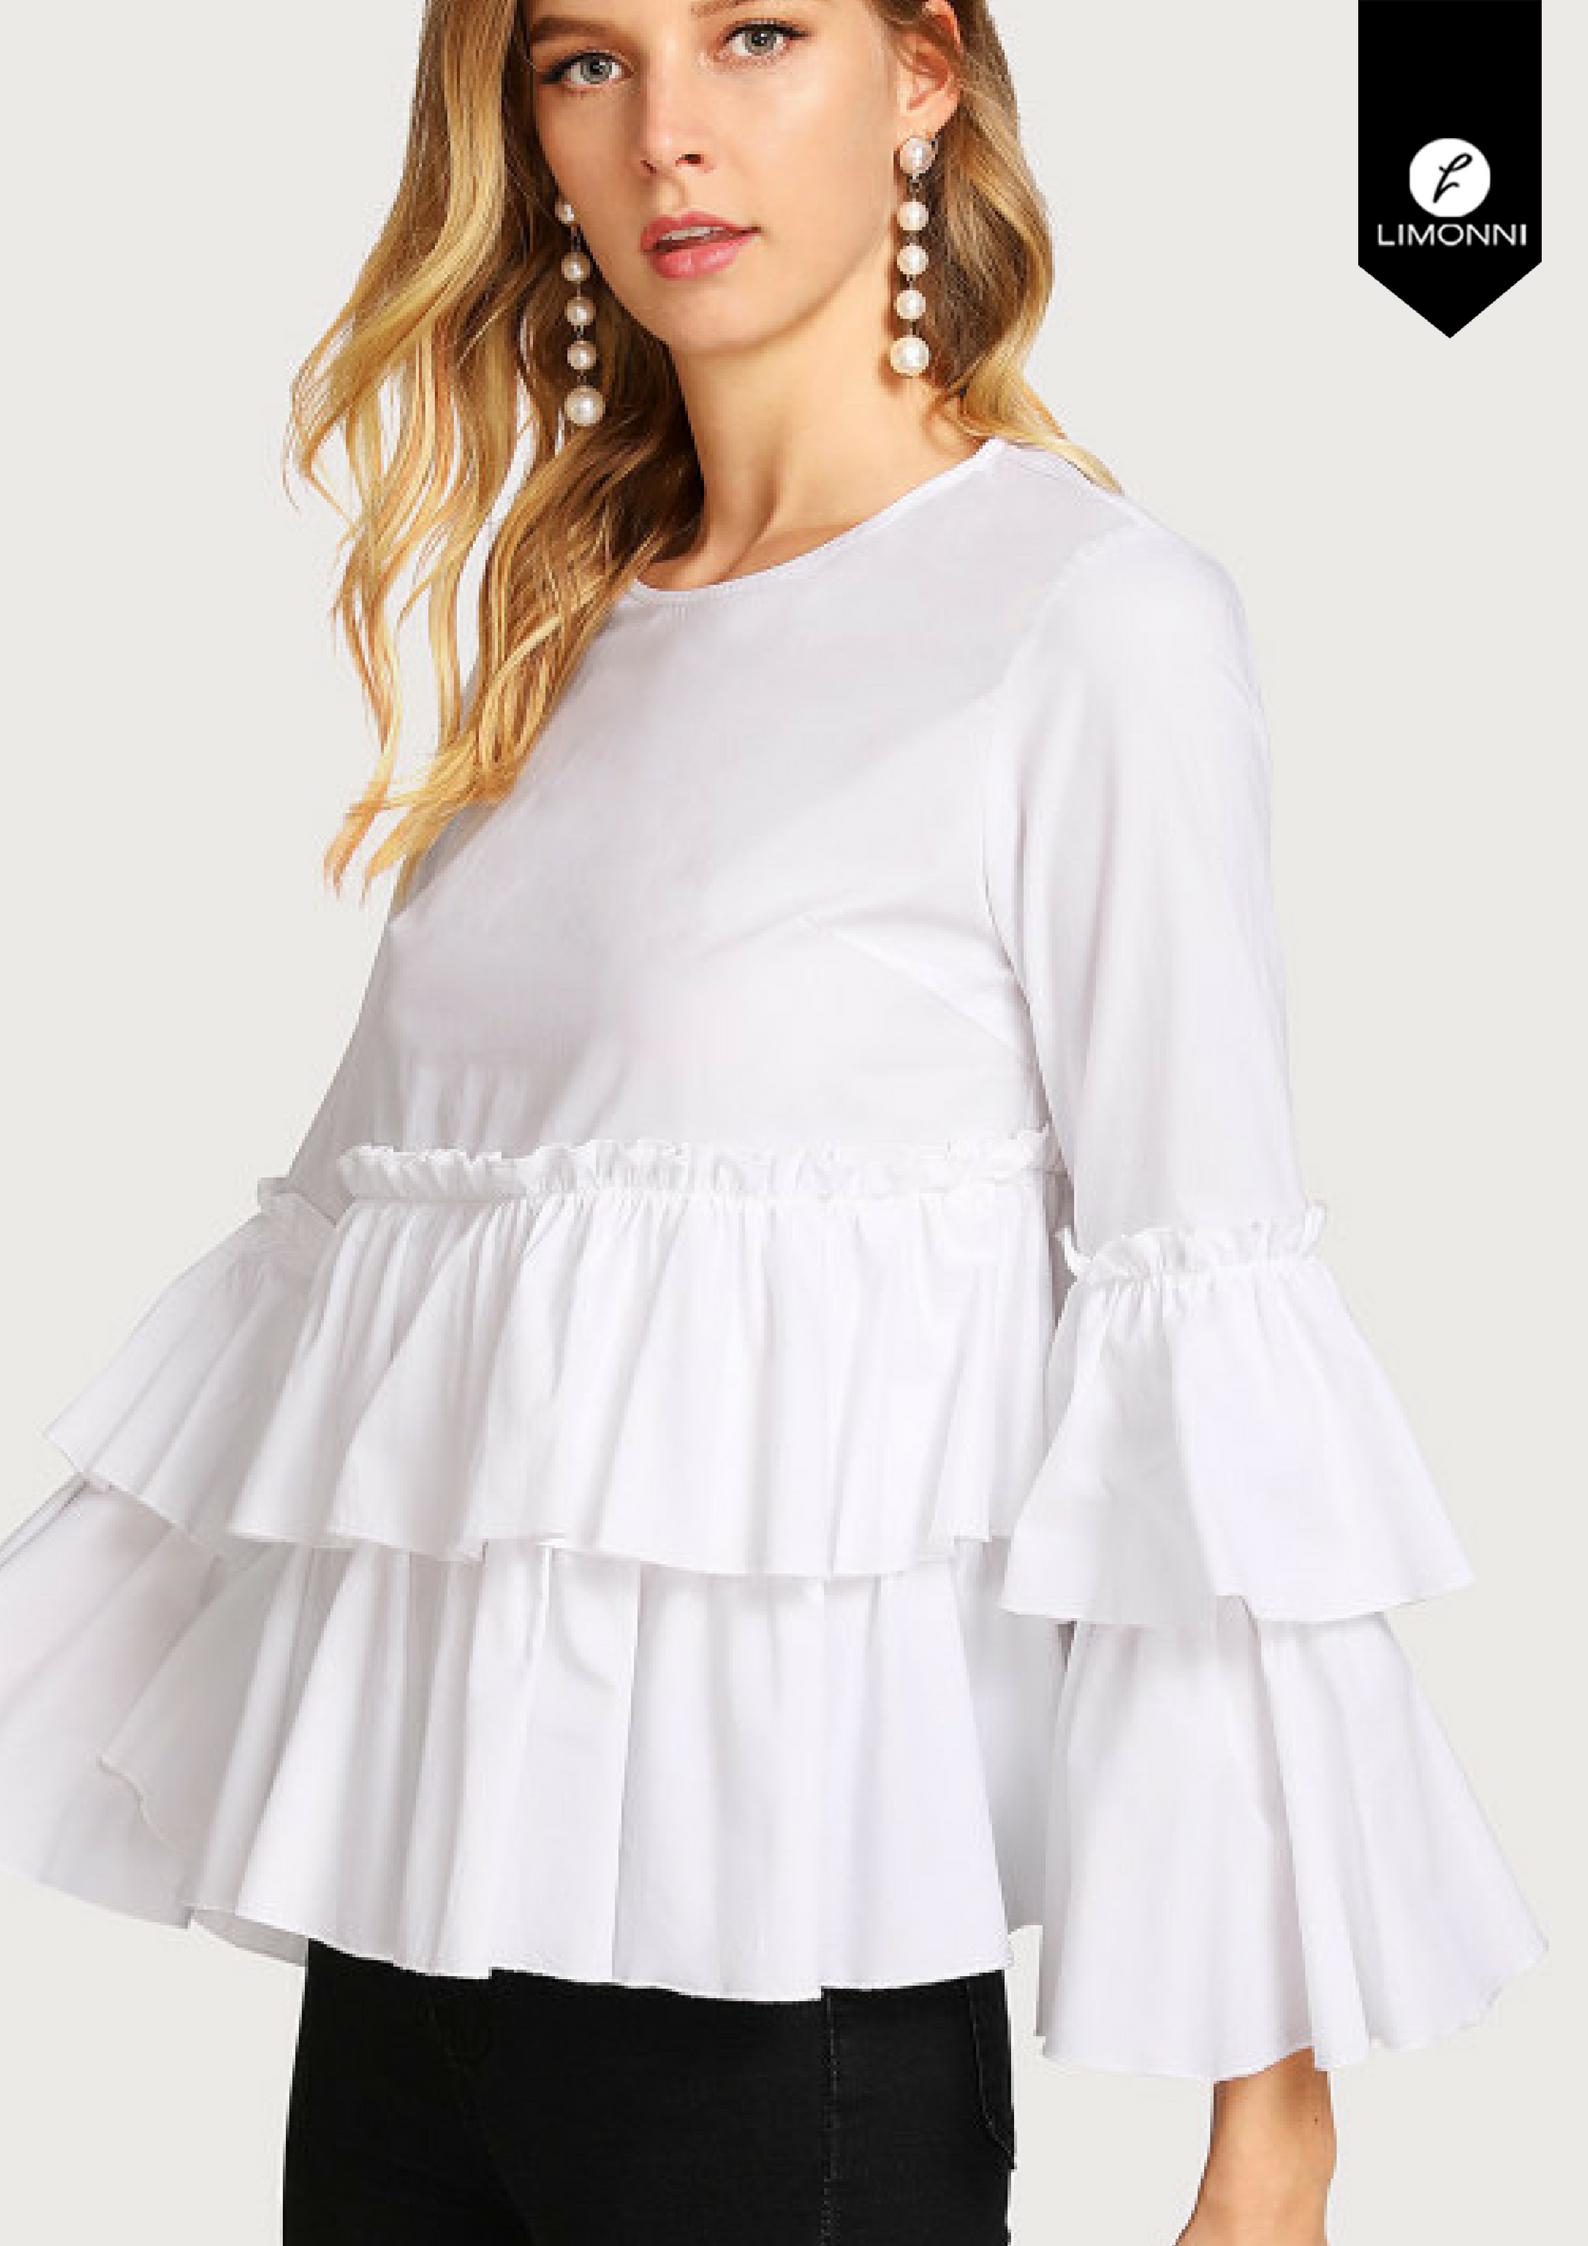 Blusas para mujer Limonni Novalee LI1483 Casuales